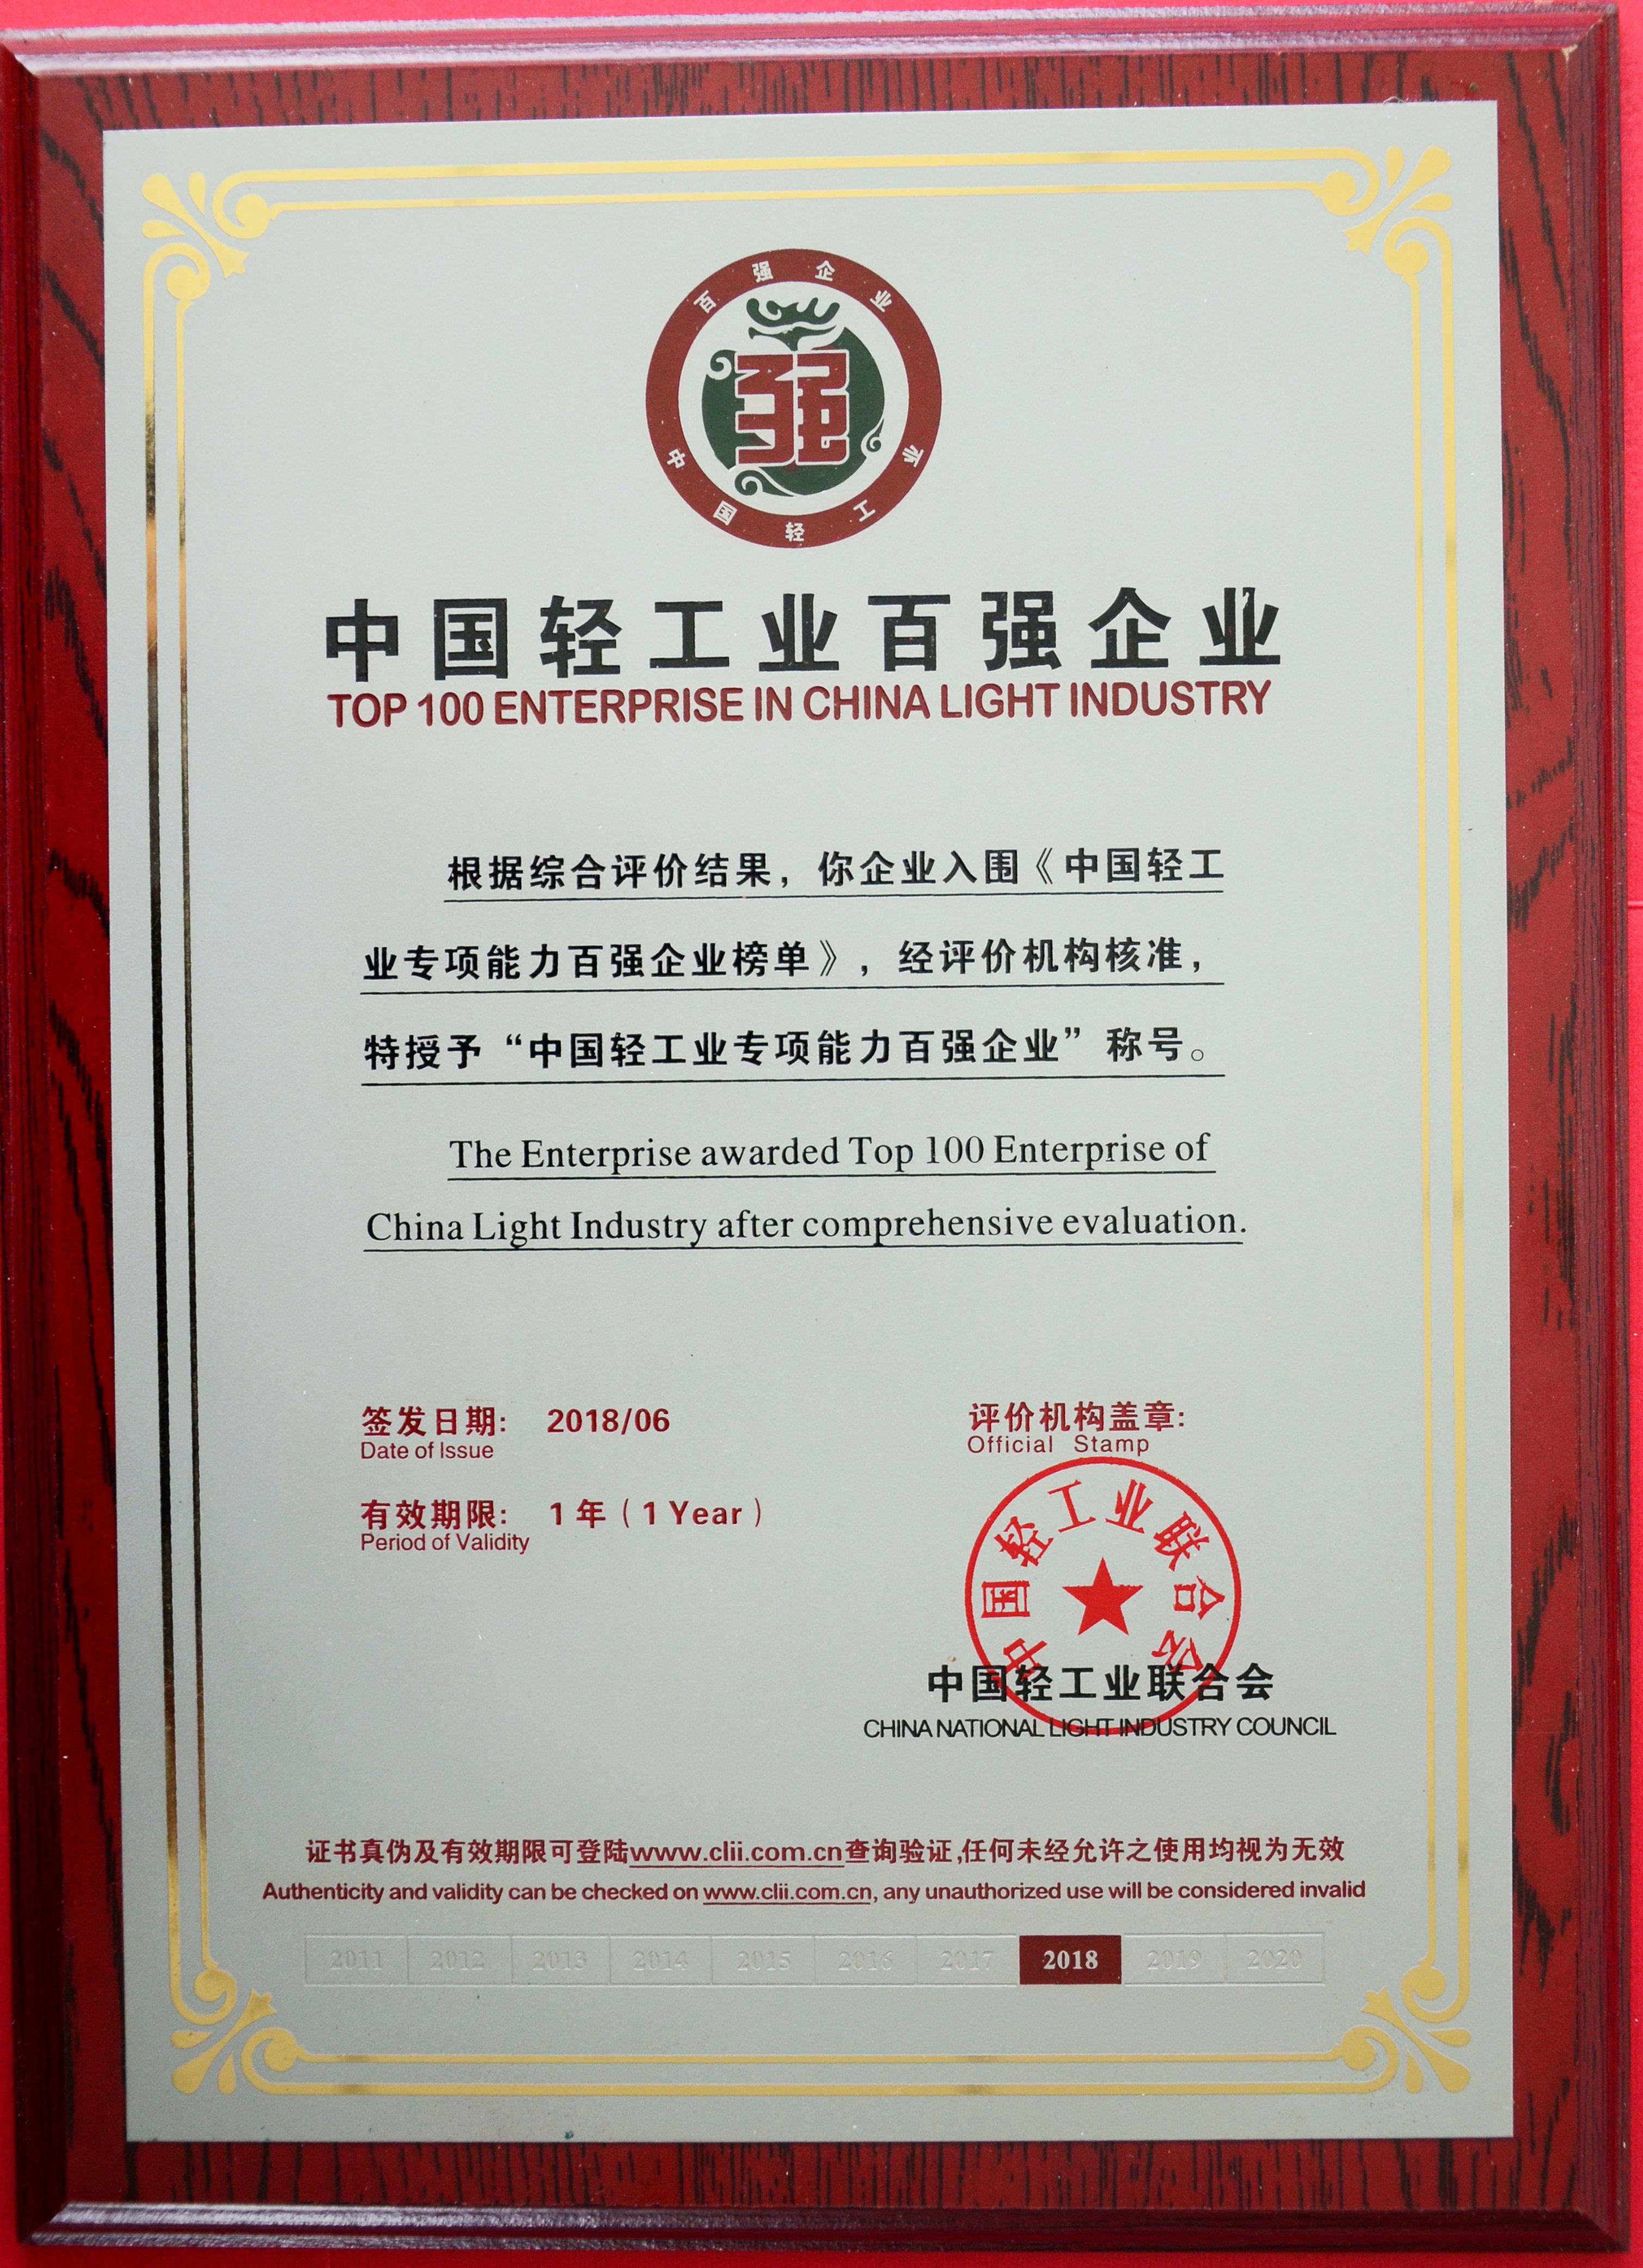 华美精陶入围中国轻工业百强企业、中国陶瓷行业十强企业榜单